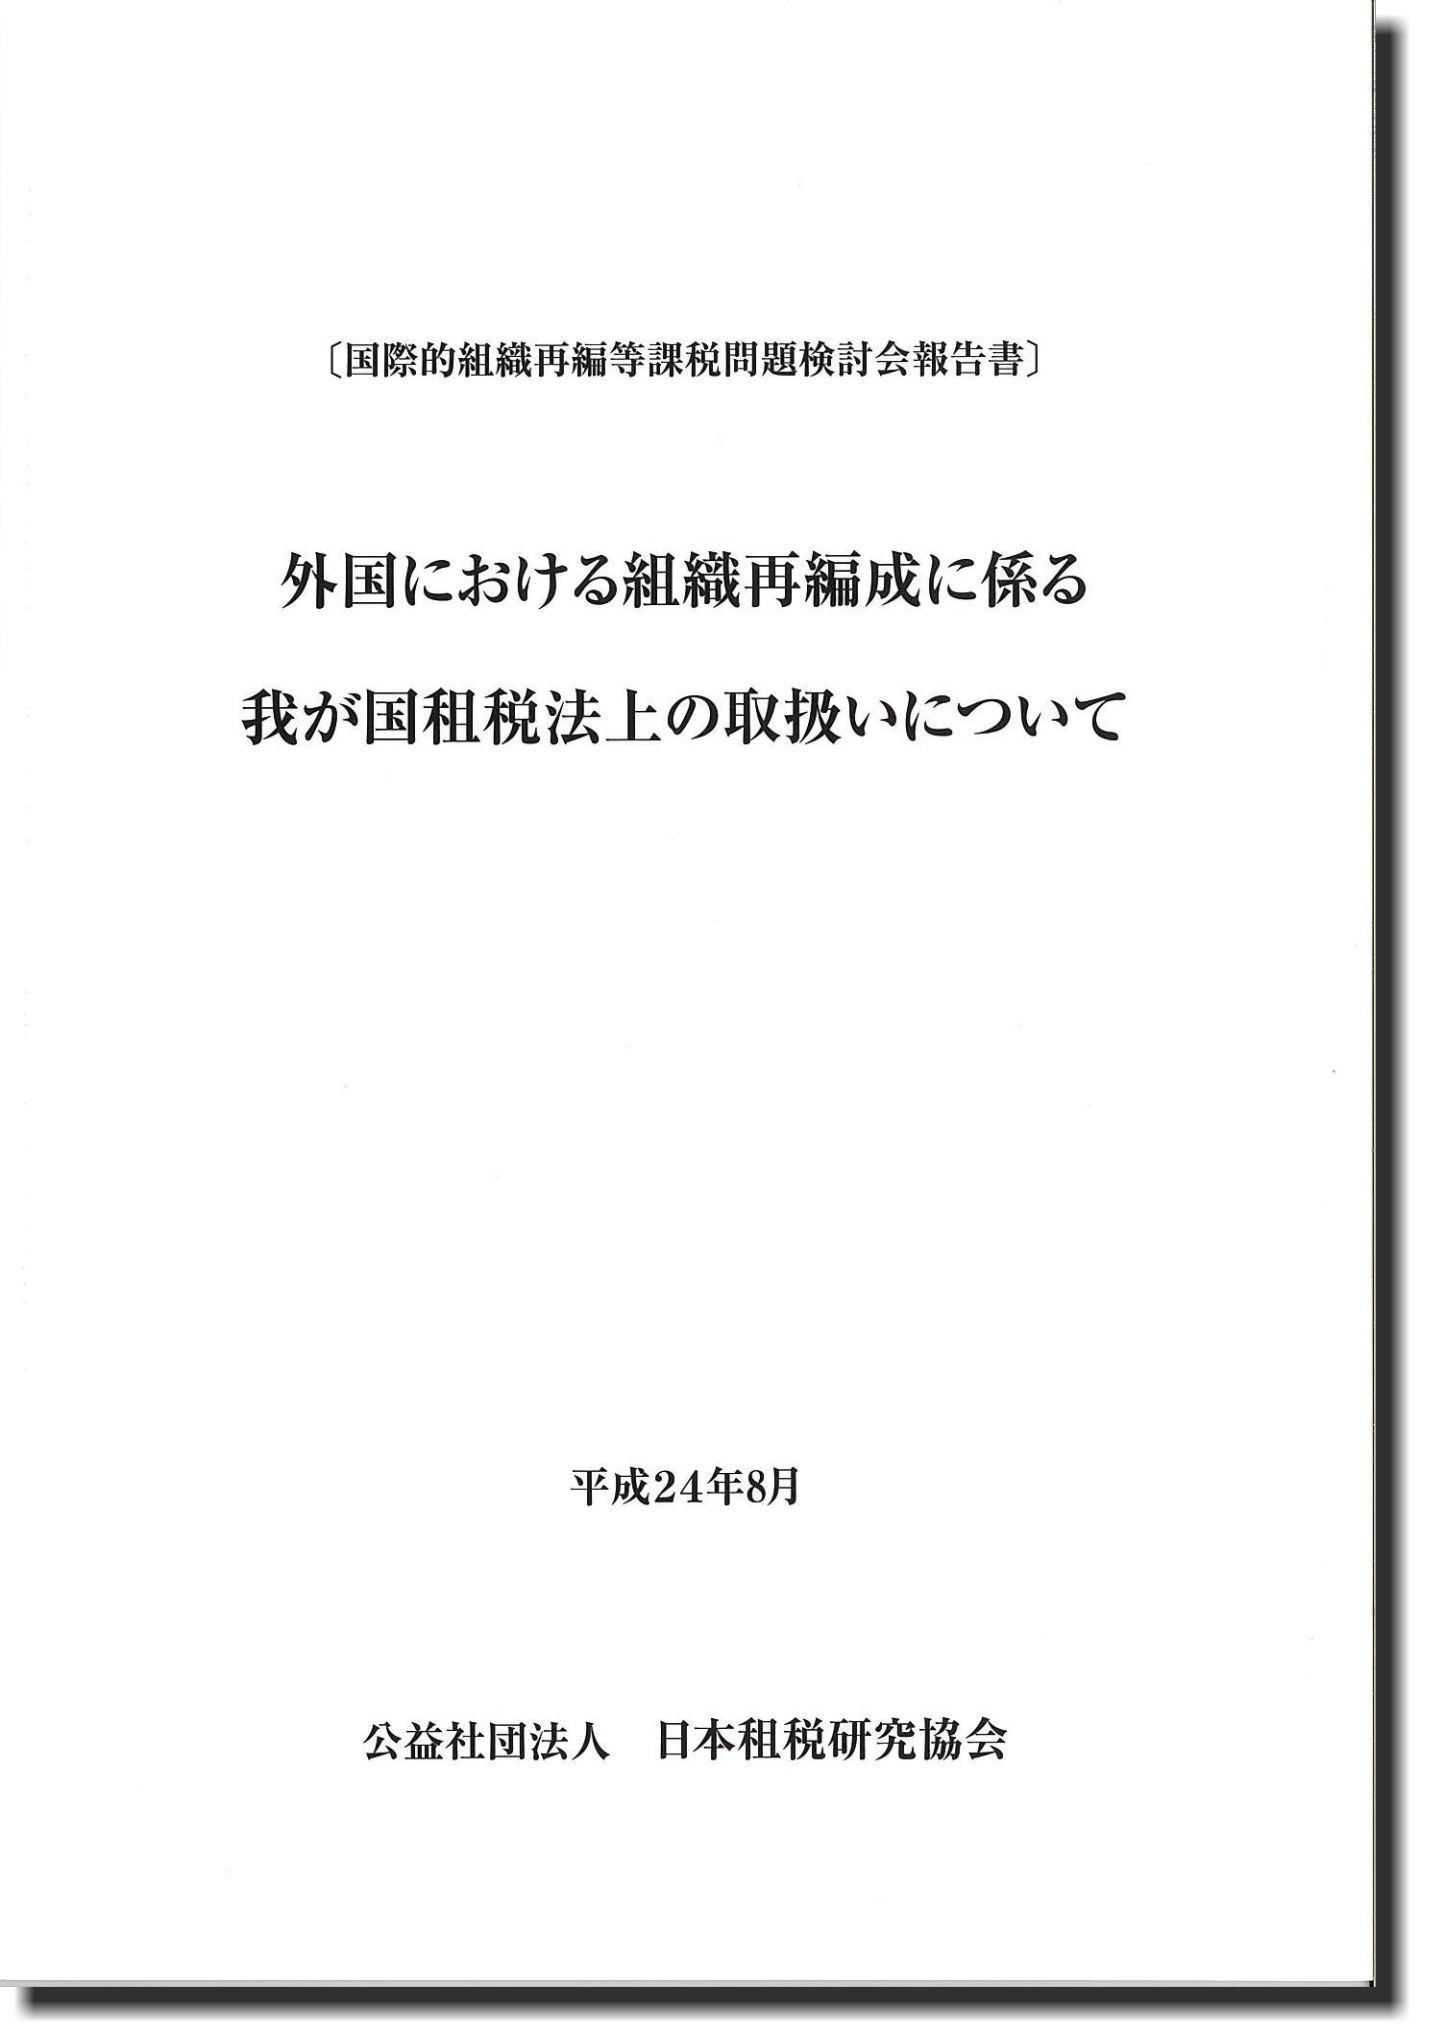 〔国際的組織再編等課税問題検討会報告書〕 外国における組織再編成に係る我が国租税法上の取扱いについて